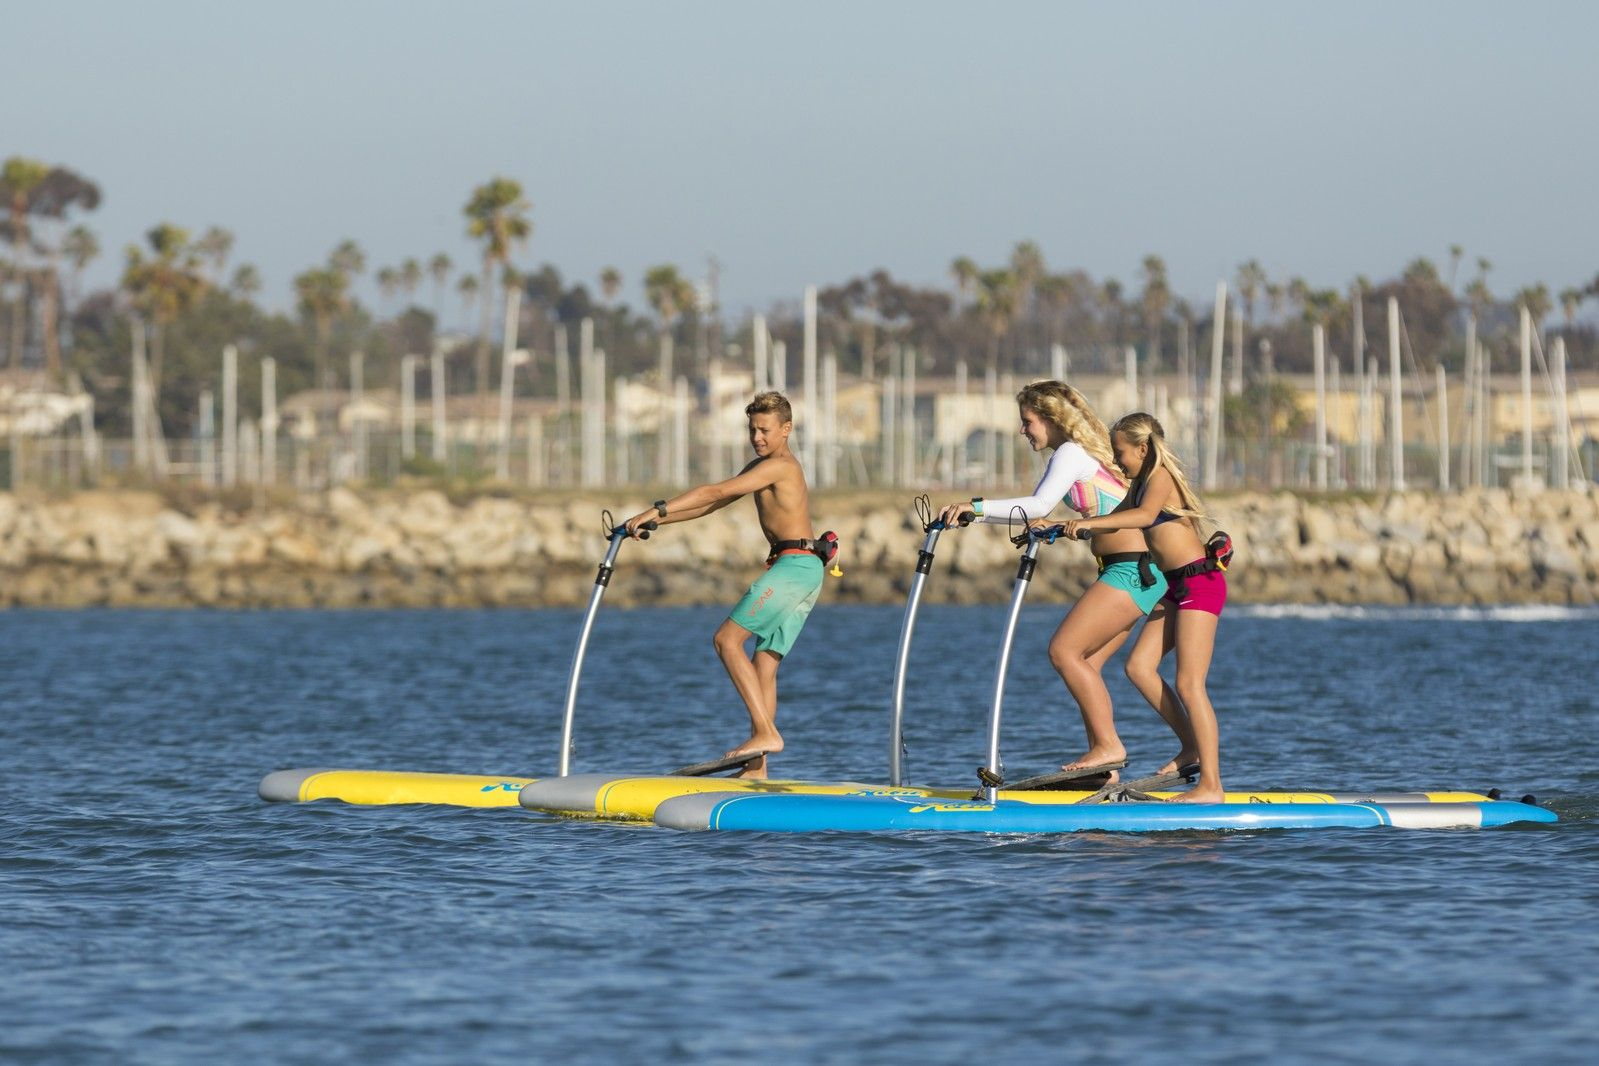 Mirage Eclipse Hobie Cat Hobie Mirage Standup Paddle Kayaking